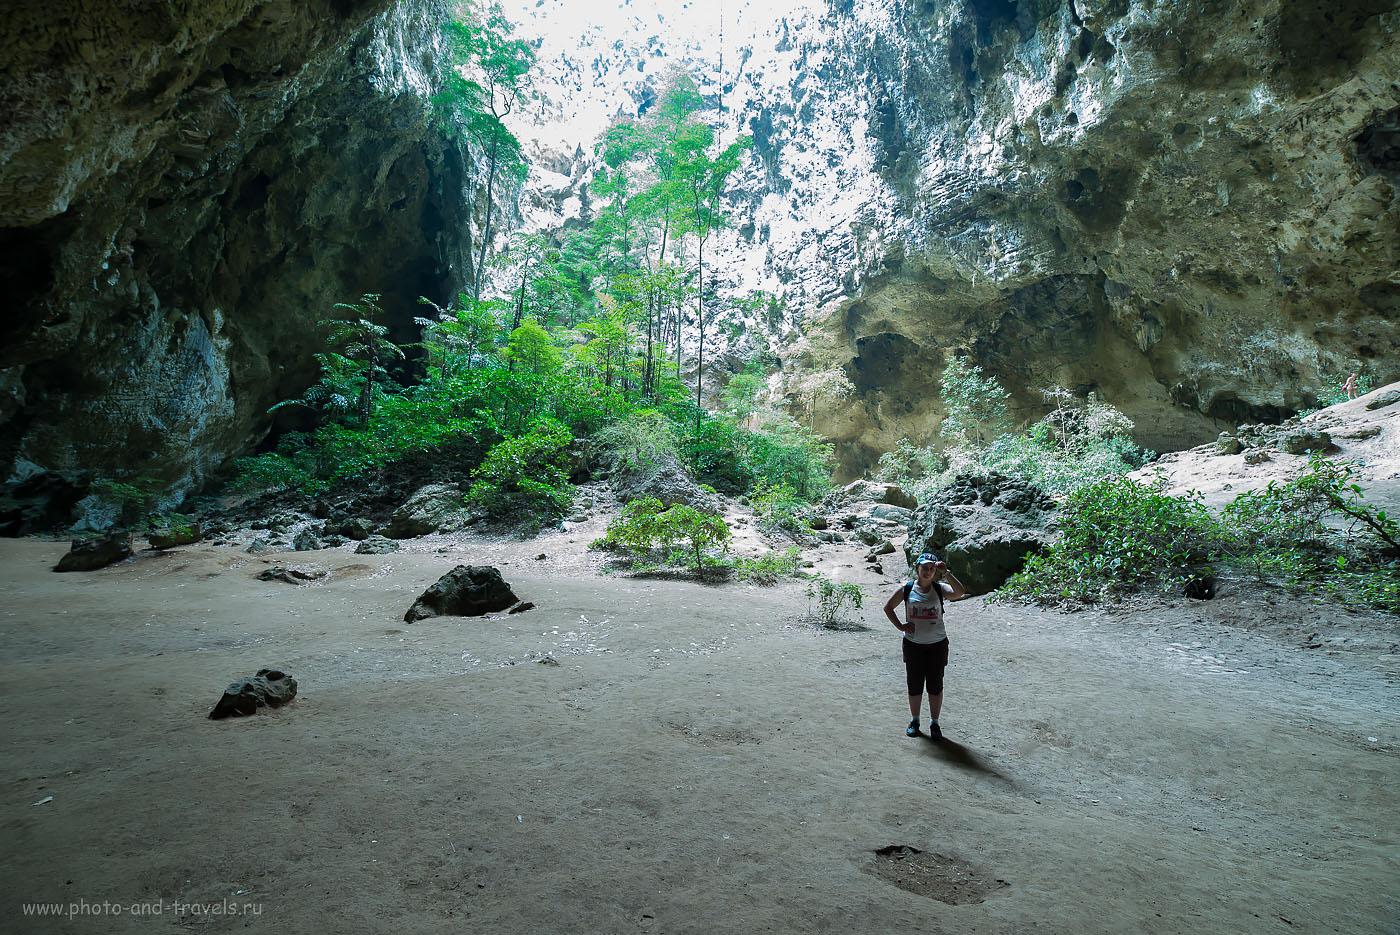 Фото 16. Одни в пещере  Прайя Накхон, что расположена в национальном парке  Кхао Сам Рой Йот (Khao Sam Roi Yot). (800, 14, 8.0, 1/4 сек.)